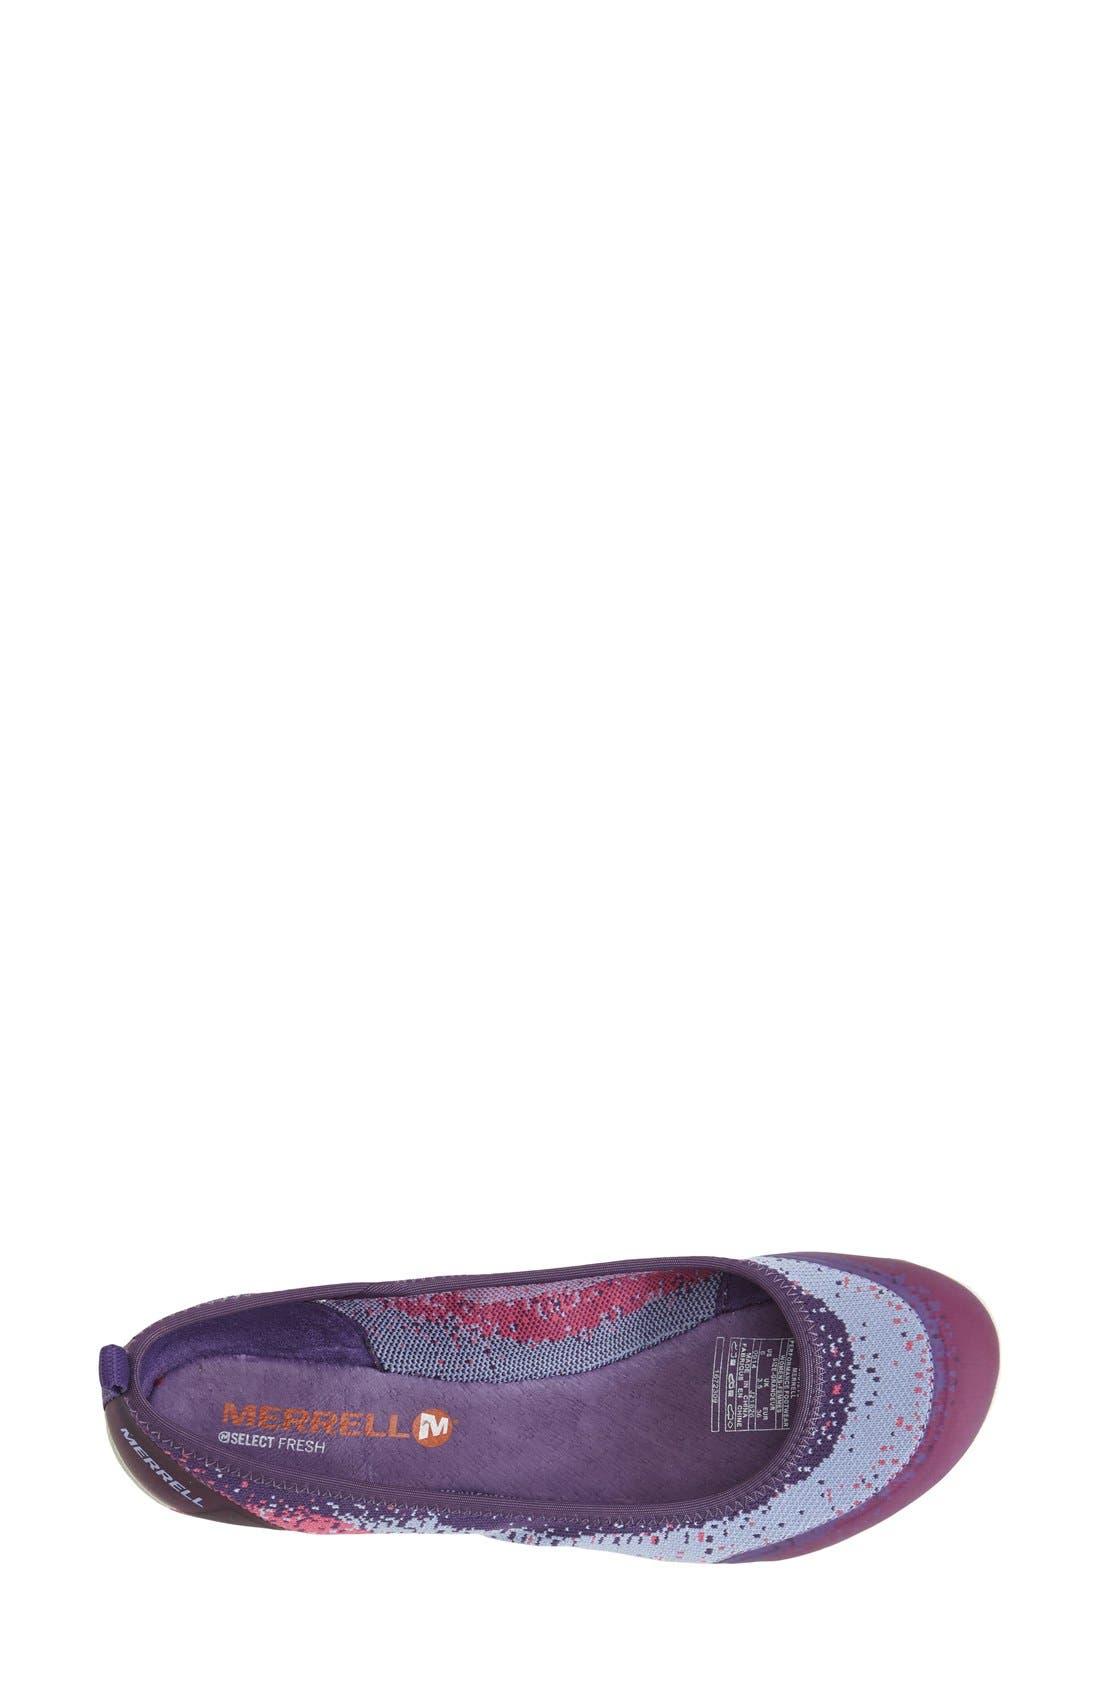 Alternate Image 3  - Merrell 'Mimix Meld' Sneaker (Women)